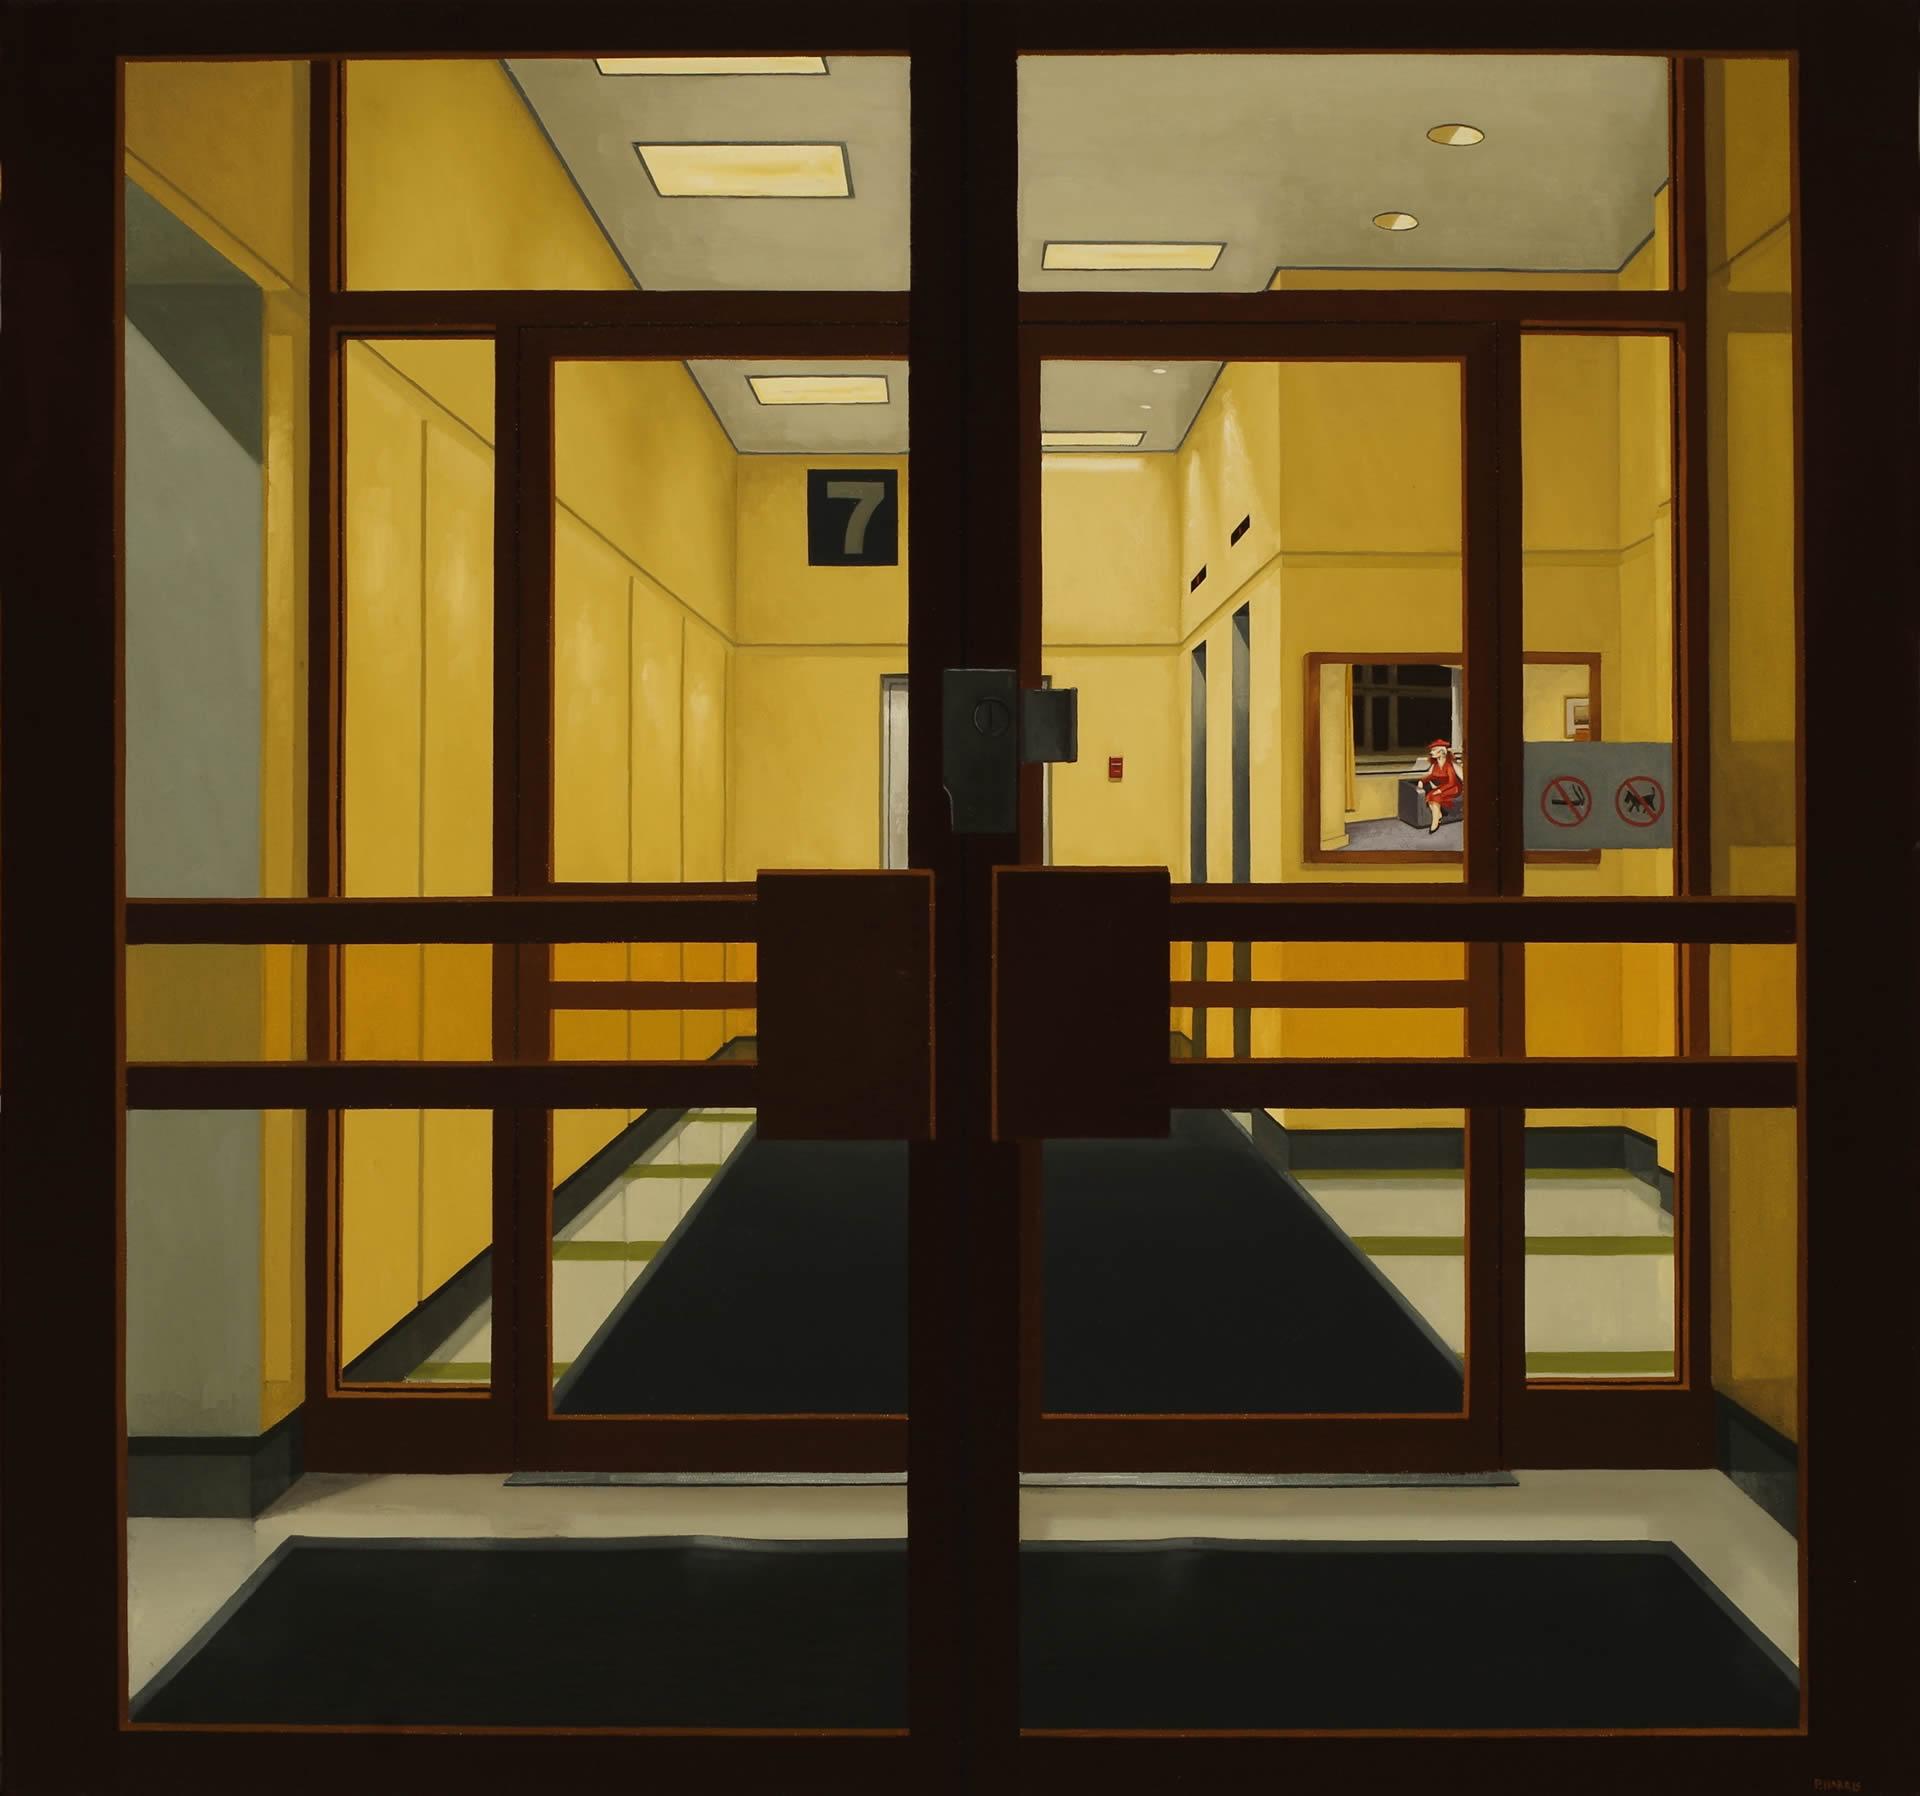 Peter-Harris-Lobby-At-7-30x32-Online-Art-Galleries